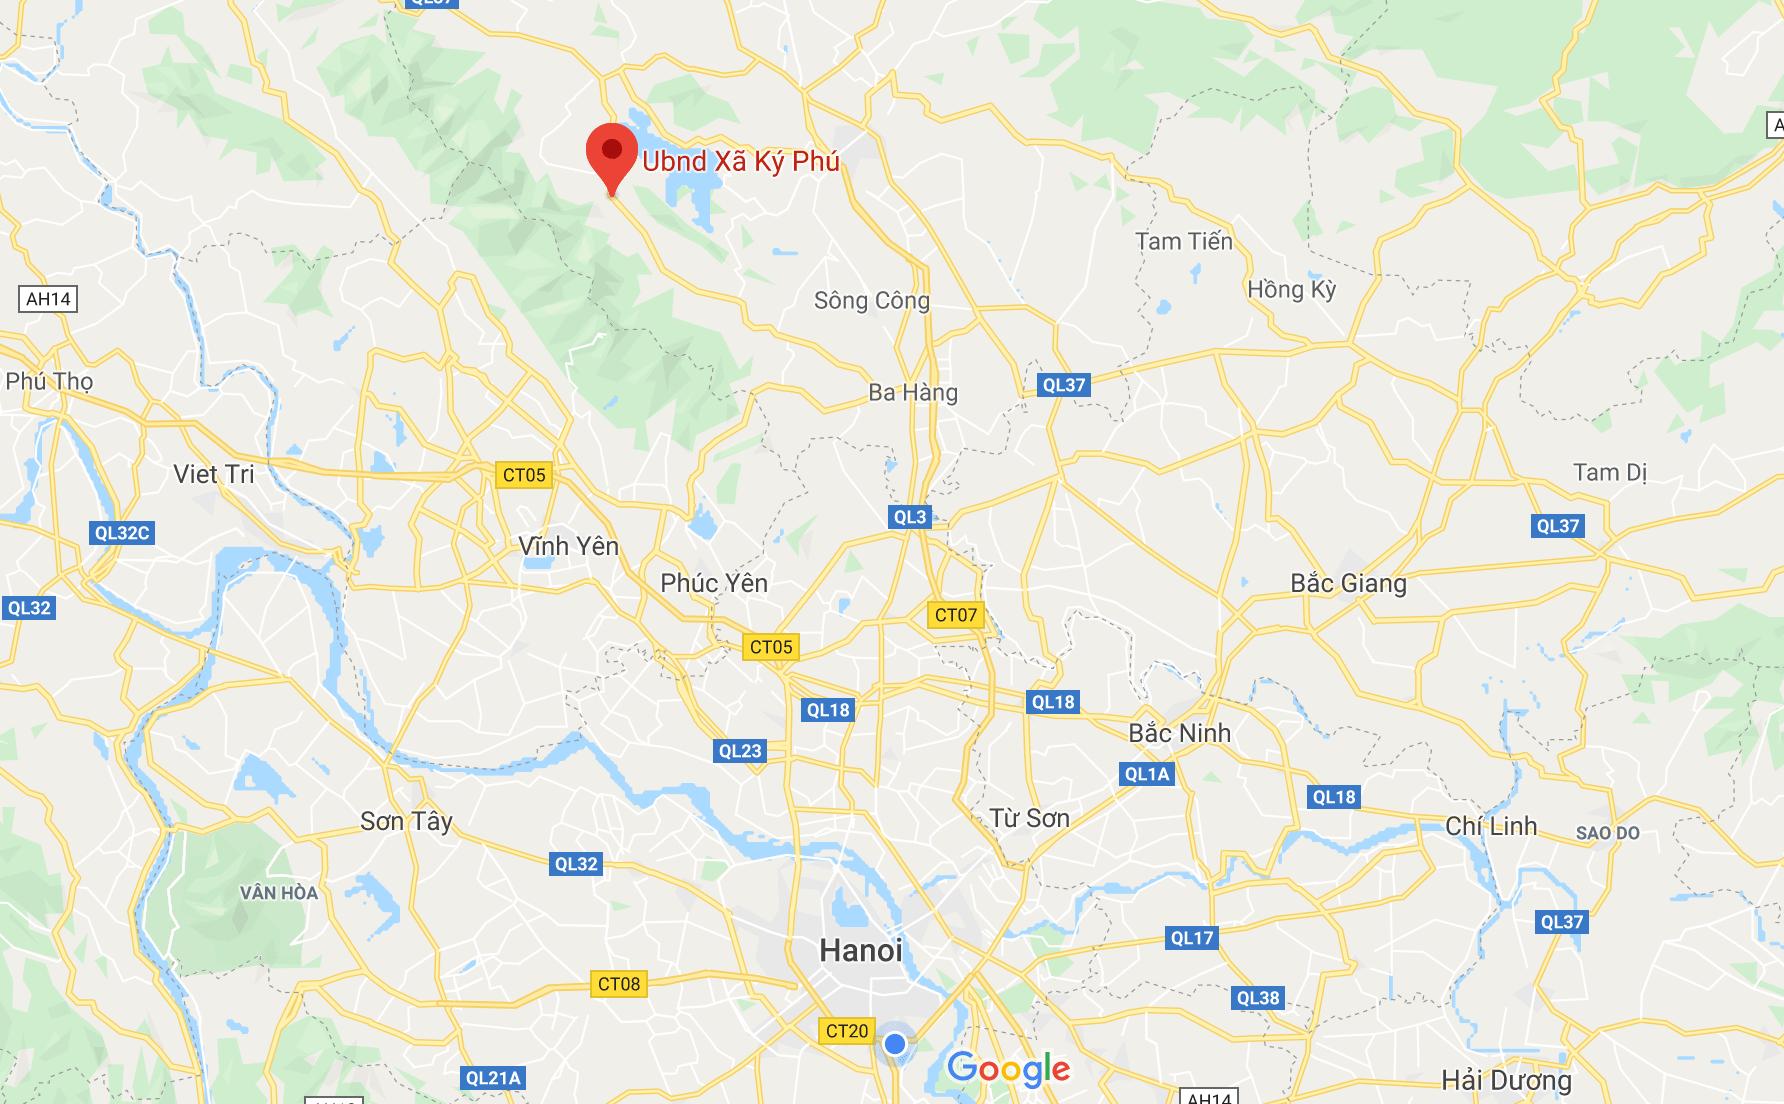 bản đồ liên kết vị trí tại Ký Phú Thái Nguyên